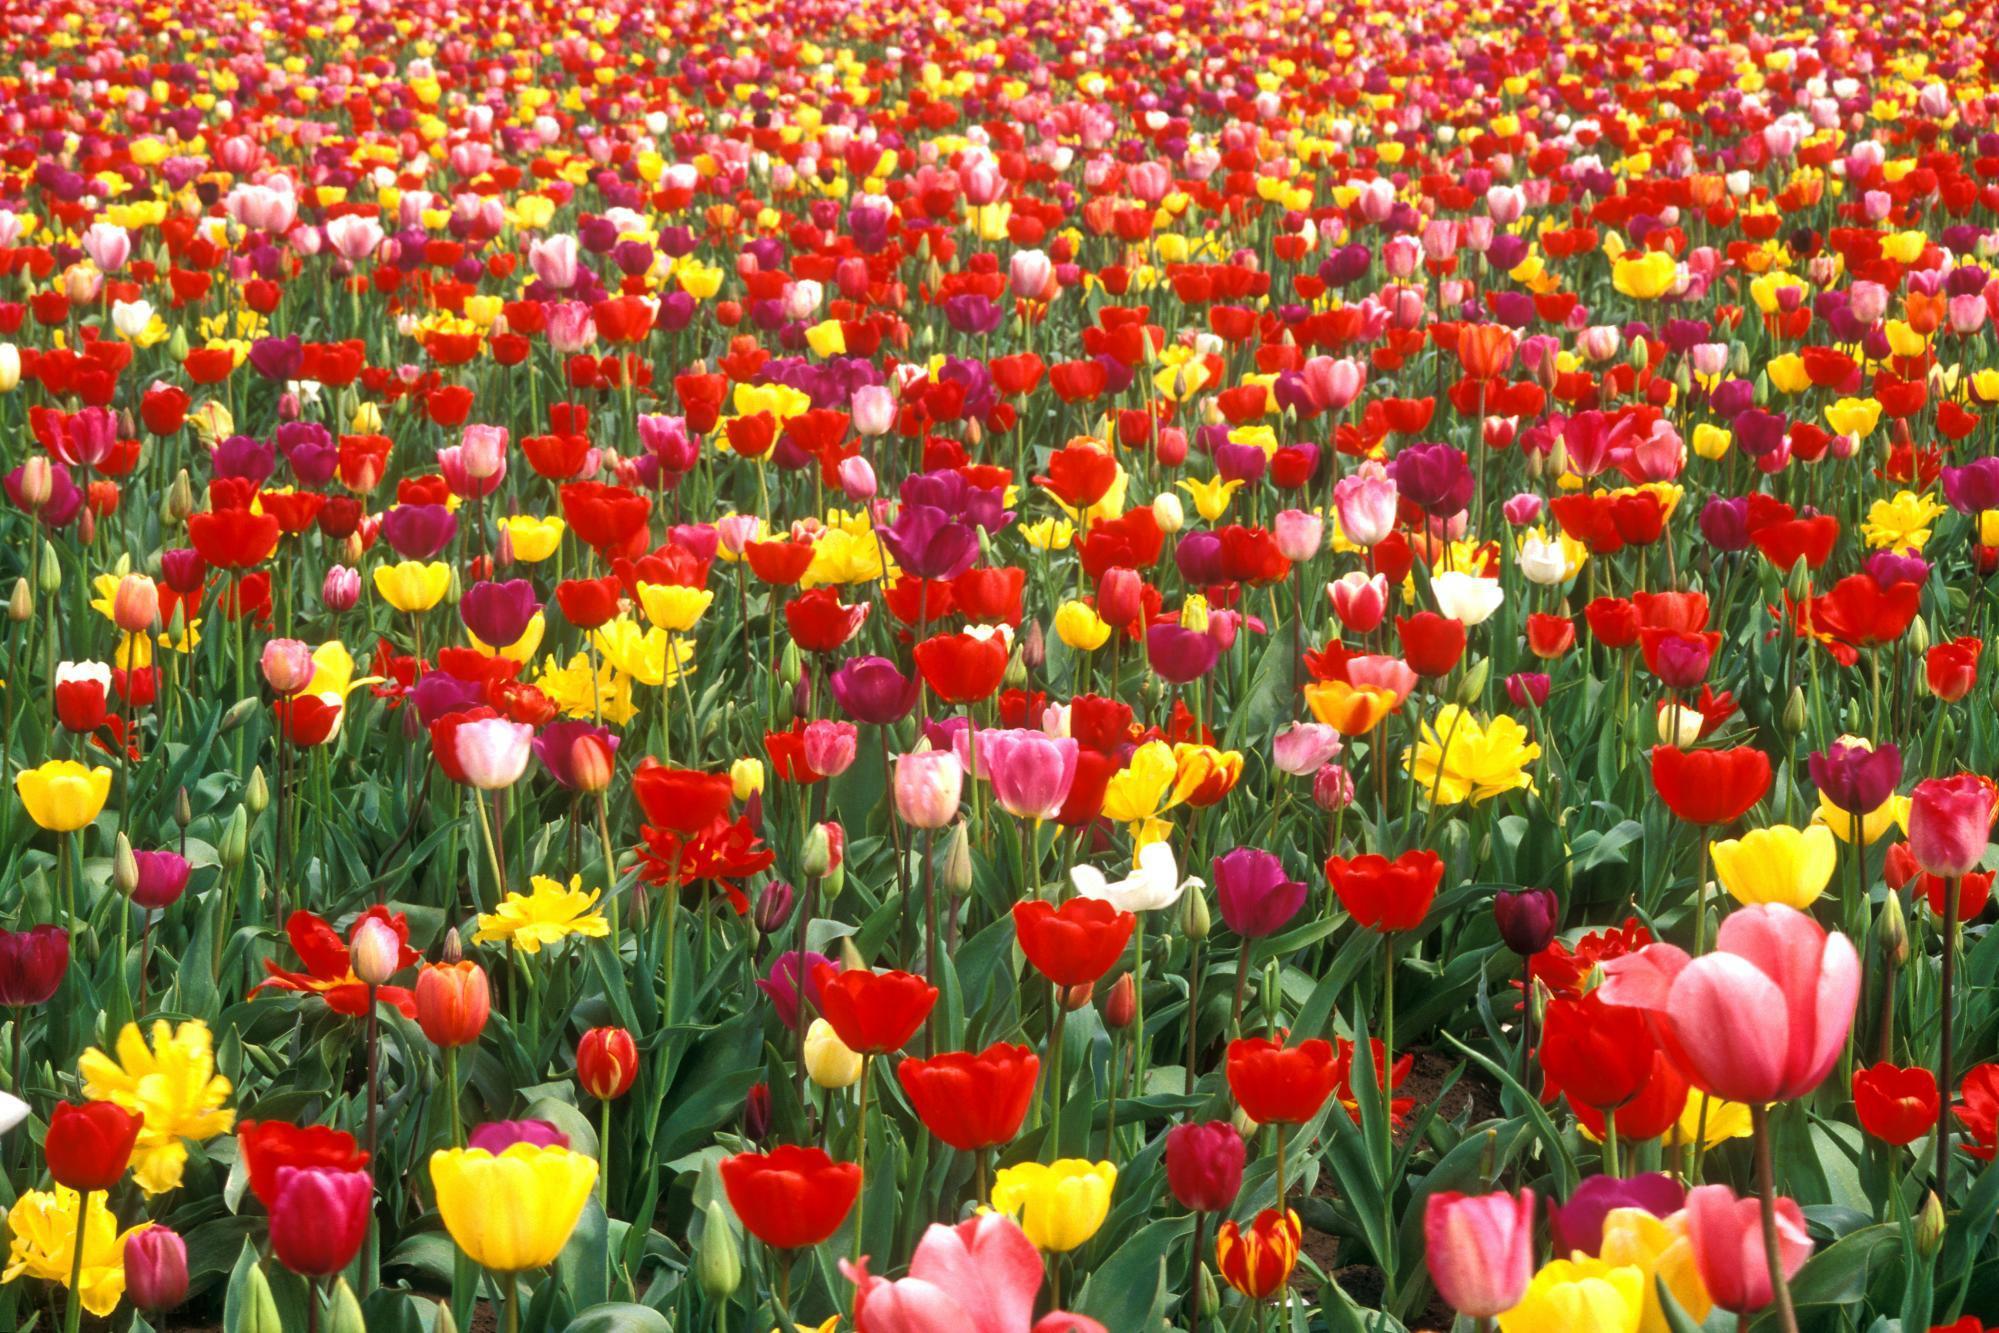 Этим летом в Москве будут цвести более 60 млн цветов